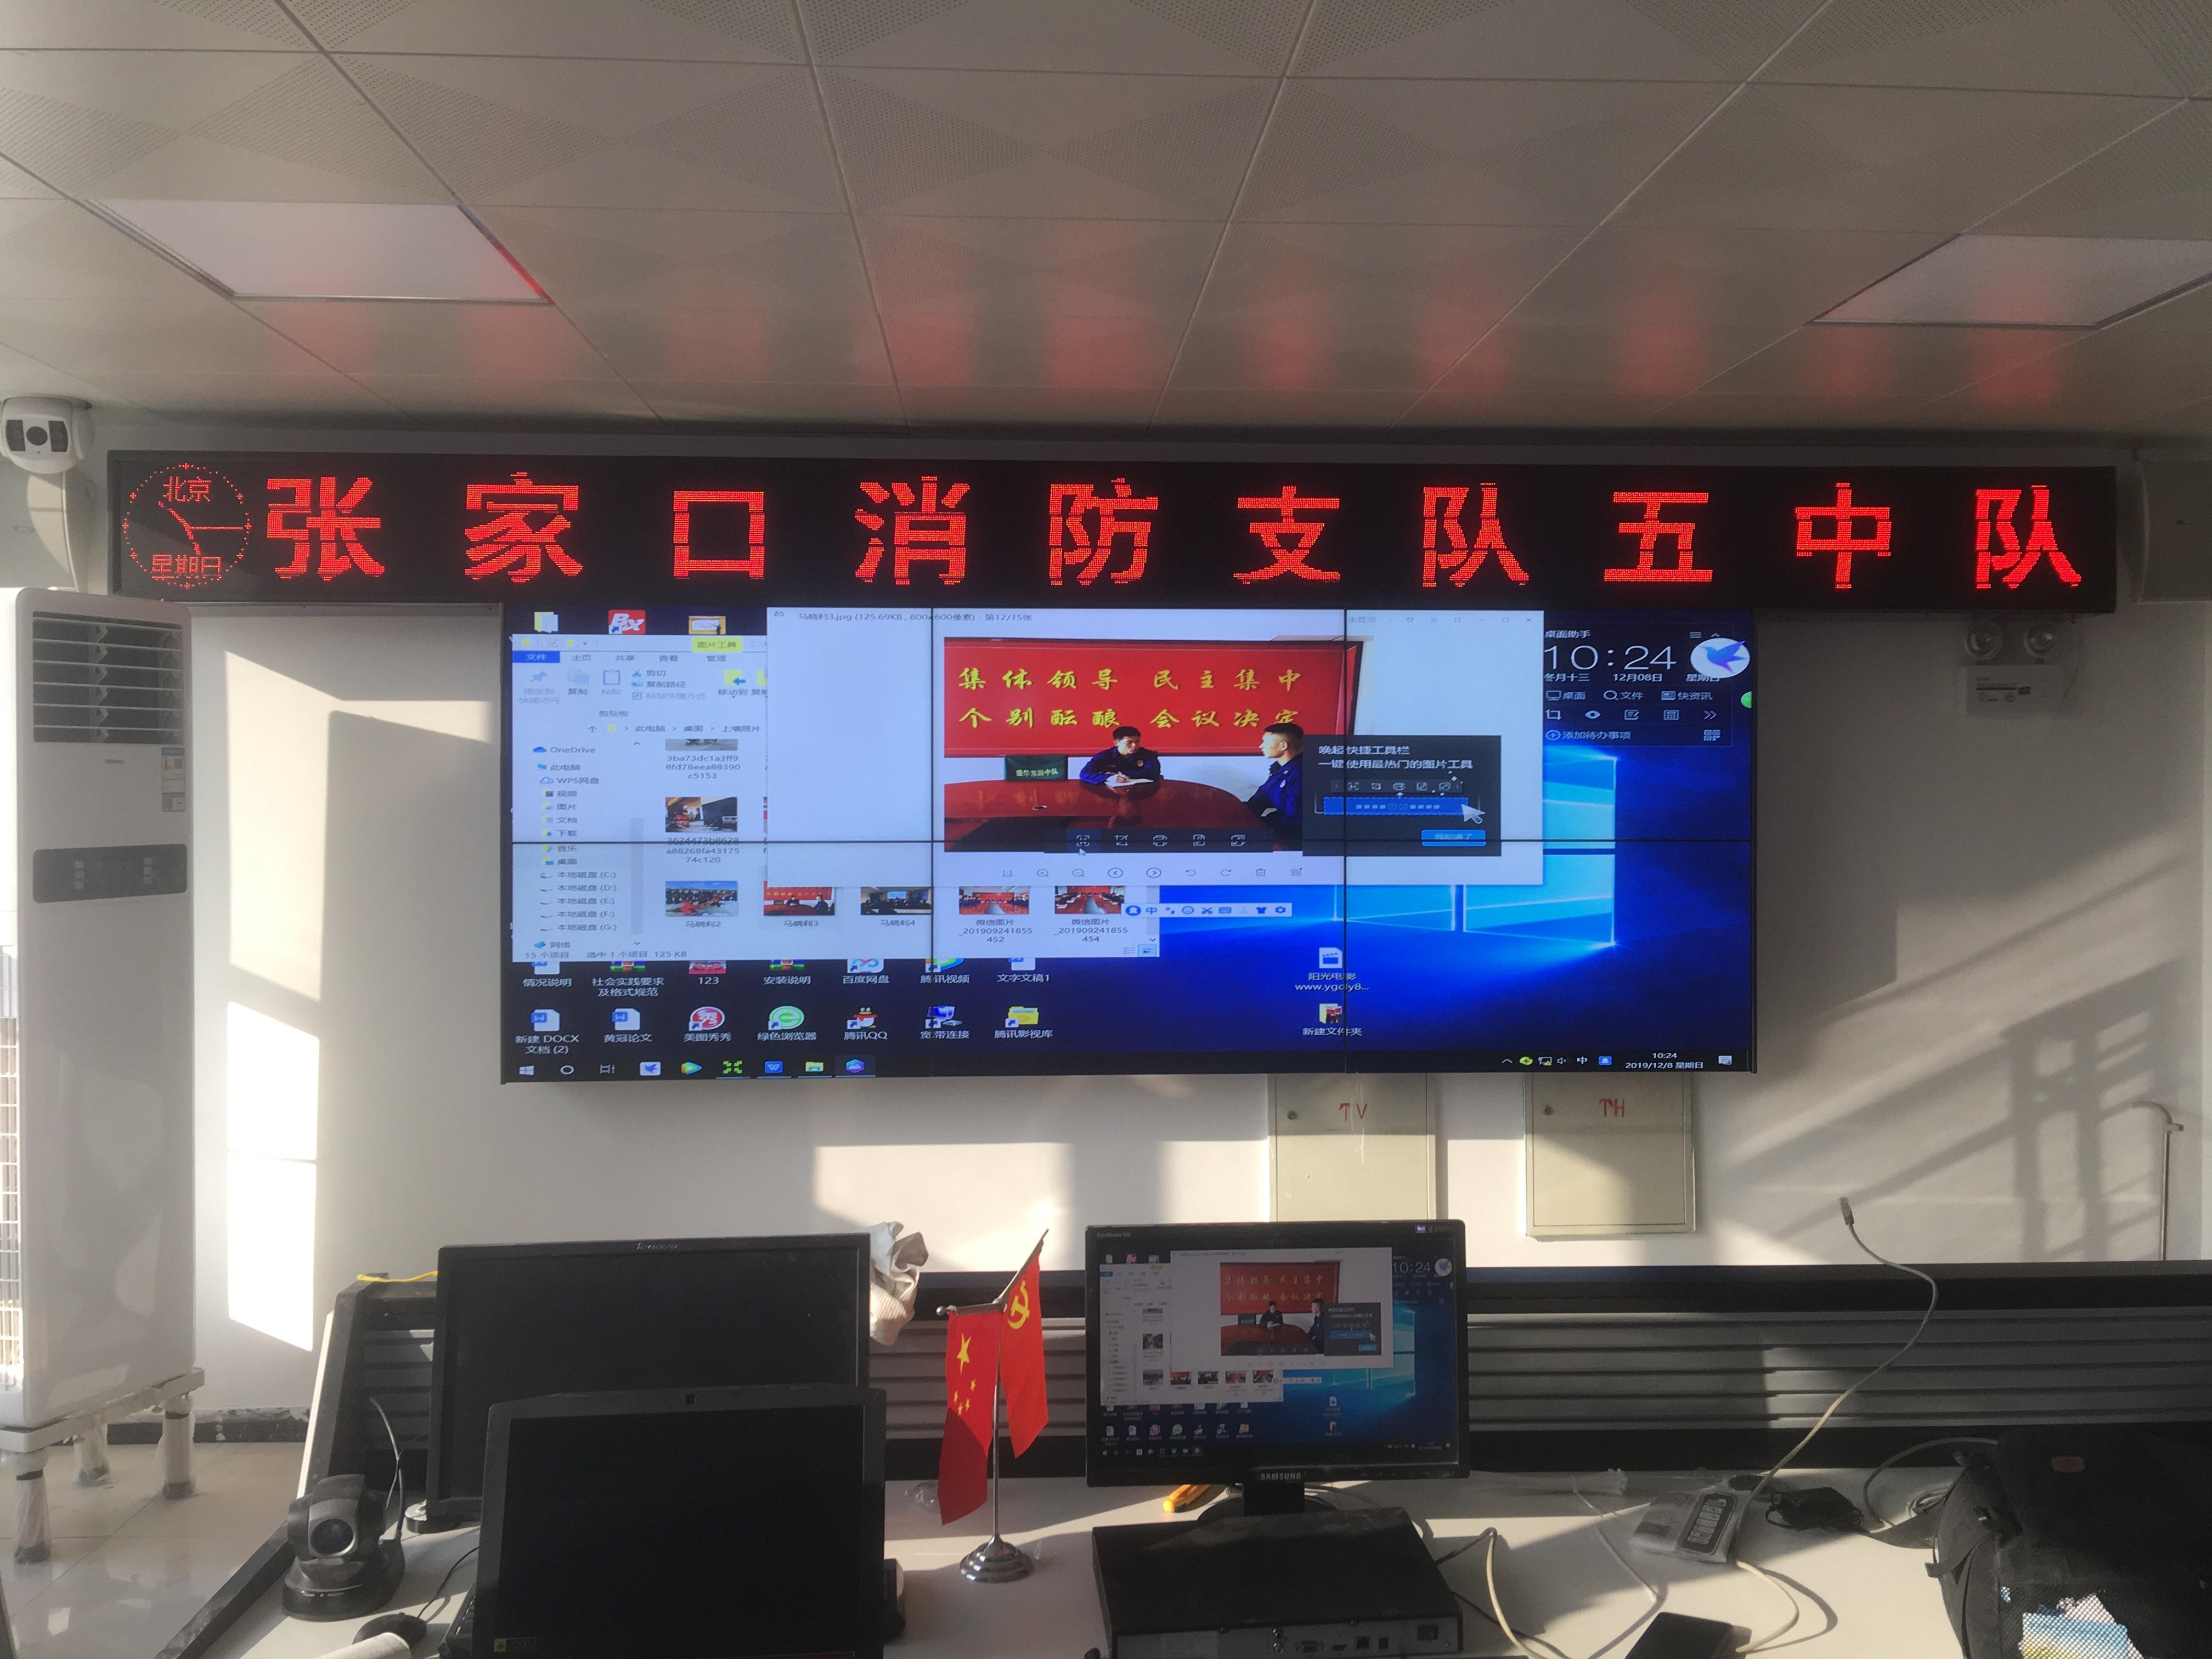 河北省张家口市消防支队五中队55寸3.5mm 2行3列